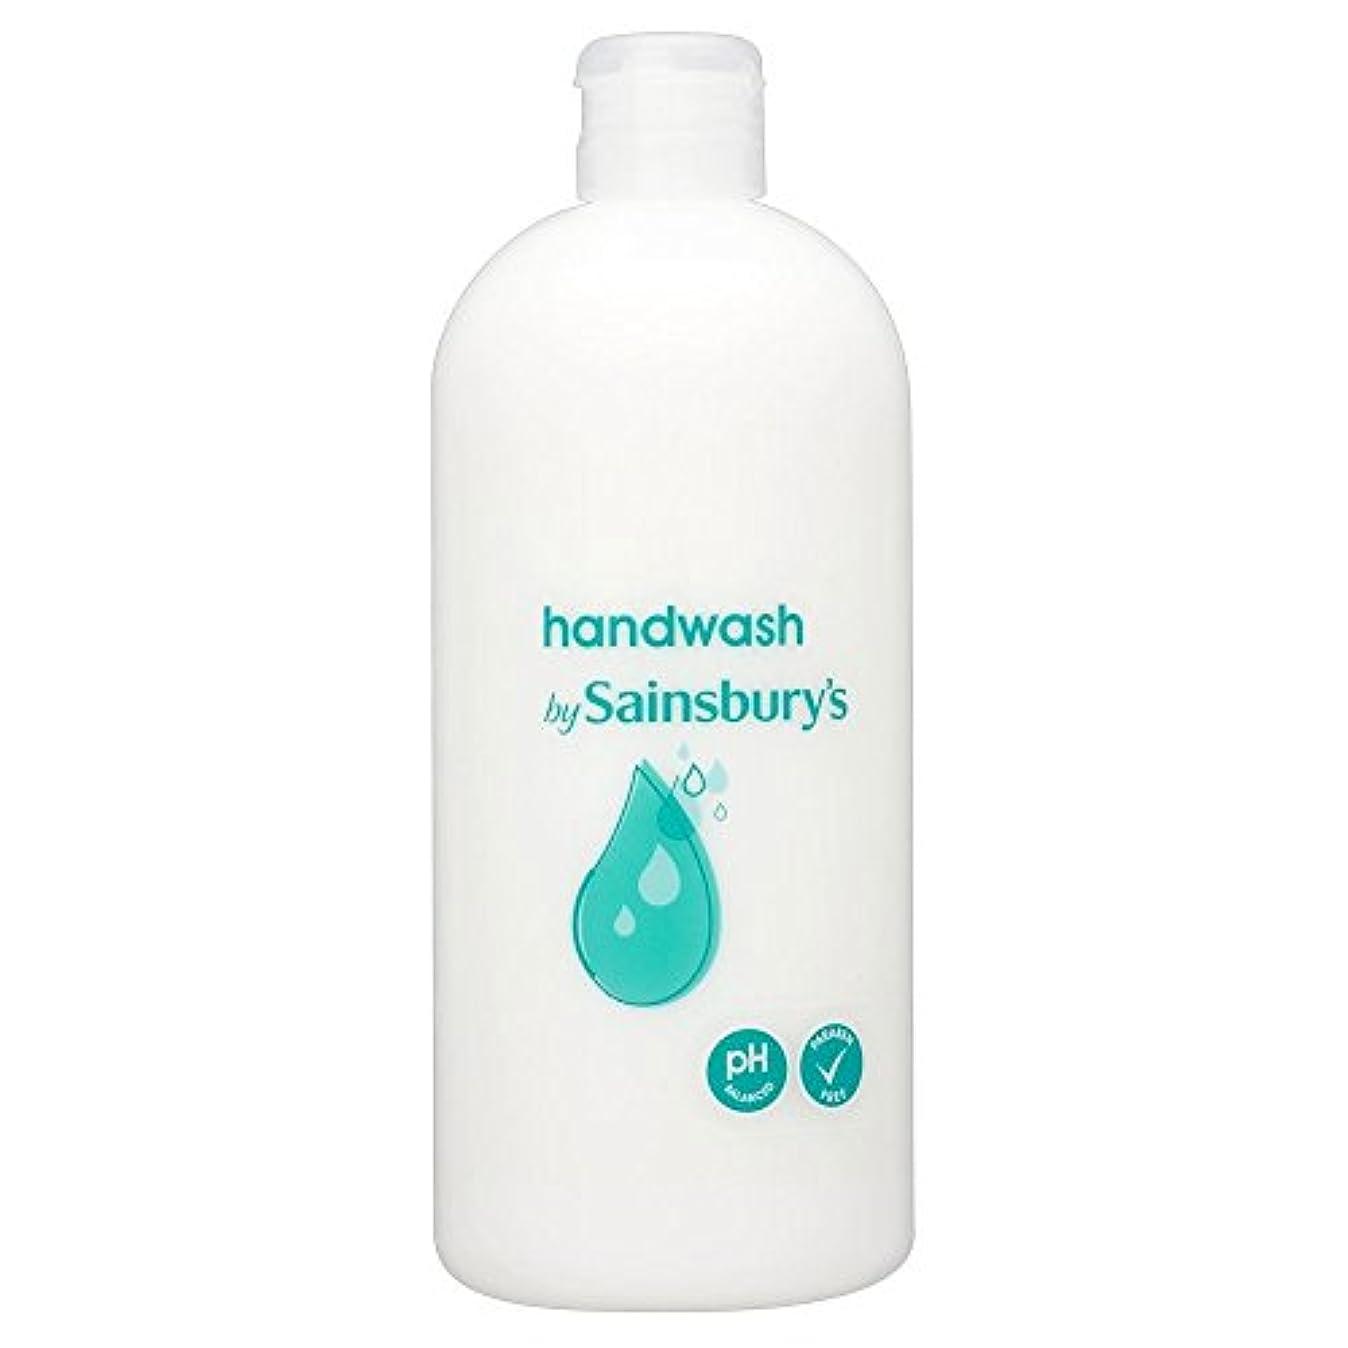 楕円形アンプ協力Sainsbury's Handwash, White Refill 500ml (Pack of 6) - (Sainsbury's) 手洗い、白リフィル500ミリリットル (x6) [並行輸入品]